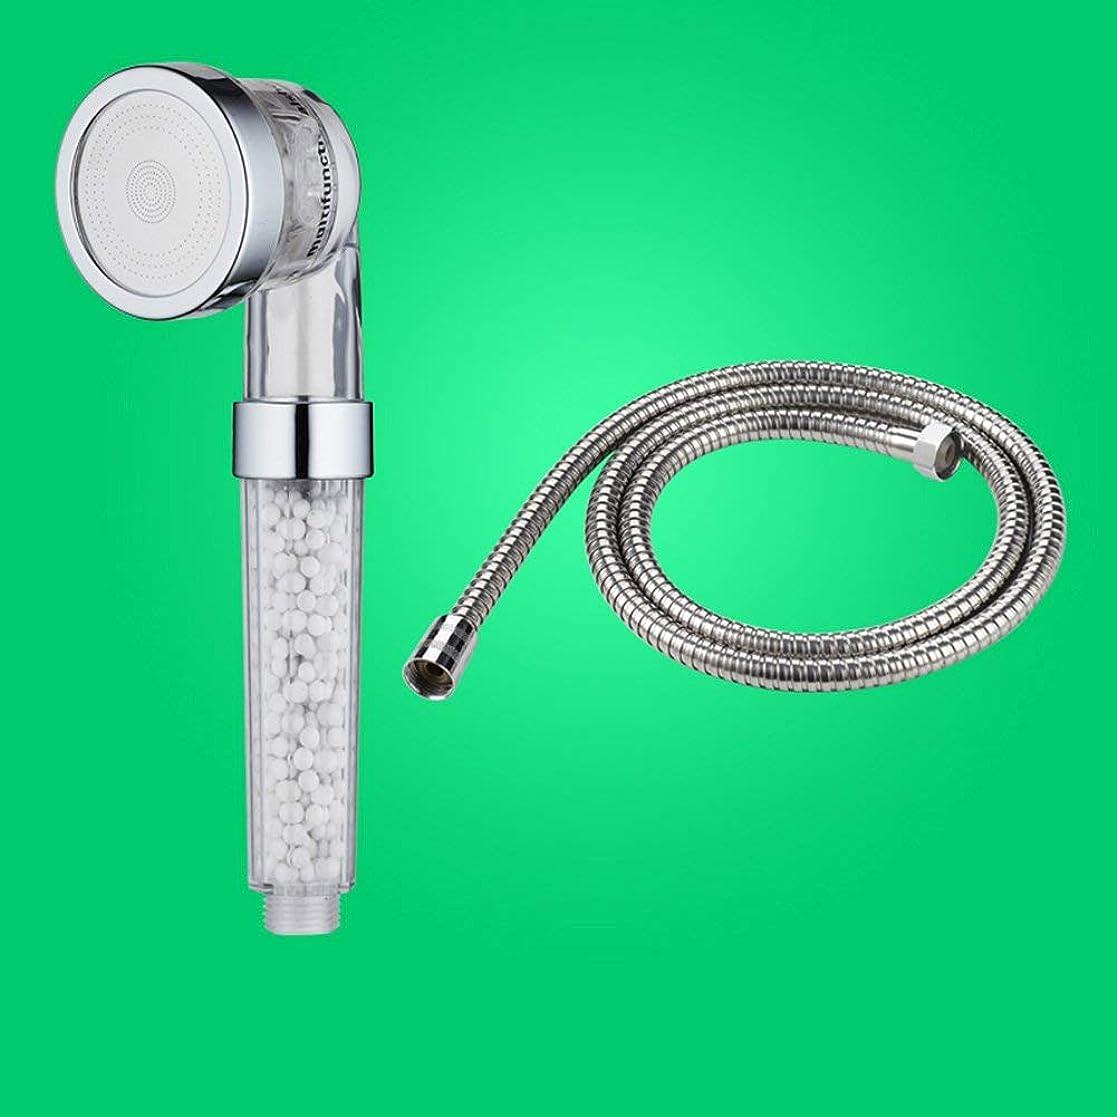 見分ける軍艦署名実用的なハンドシャワー マイナスイオンシャワーヘッド浴室加圧レインシャワーノズルハンドヘルドバスシャワーヘッドメッキ面 (Color : 2)